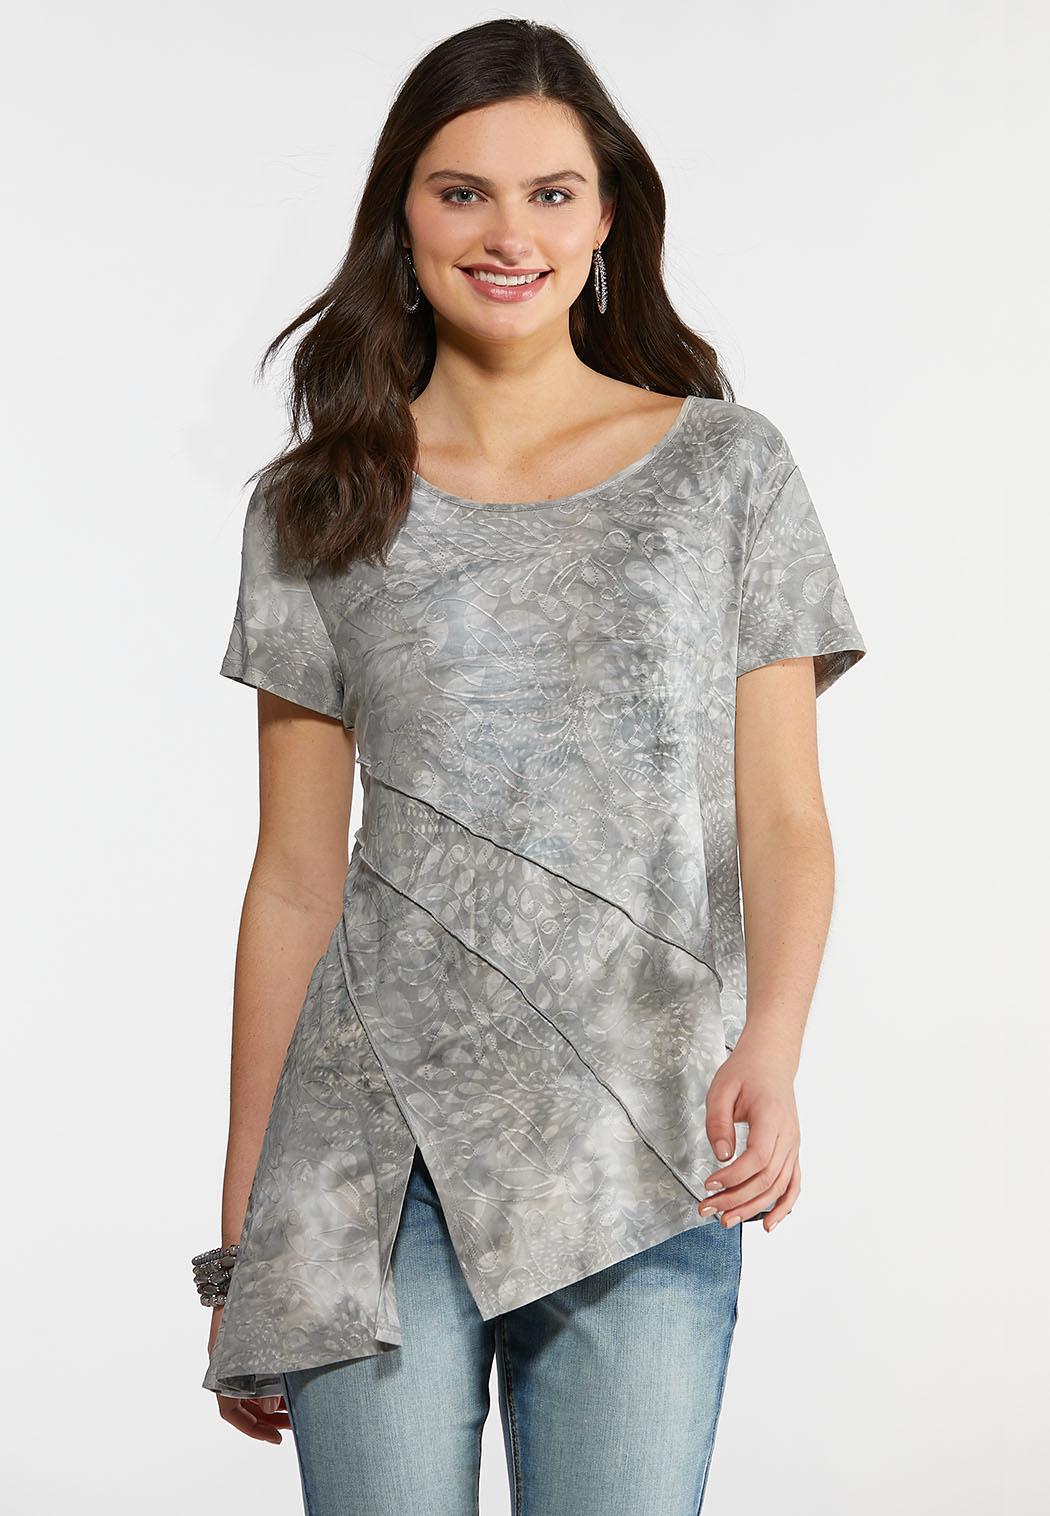 Gray Asymmetrical Top